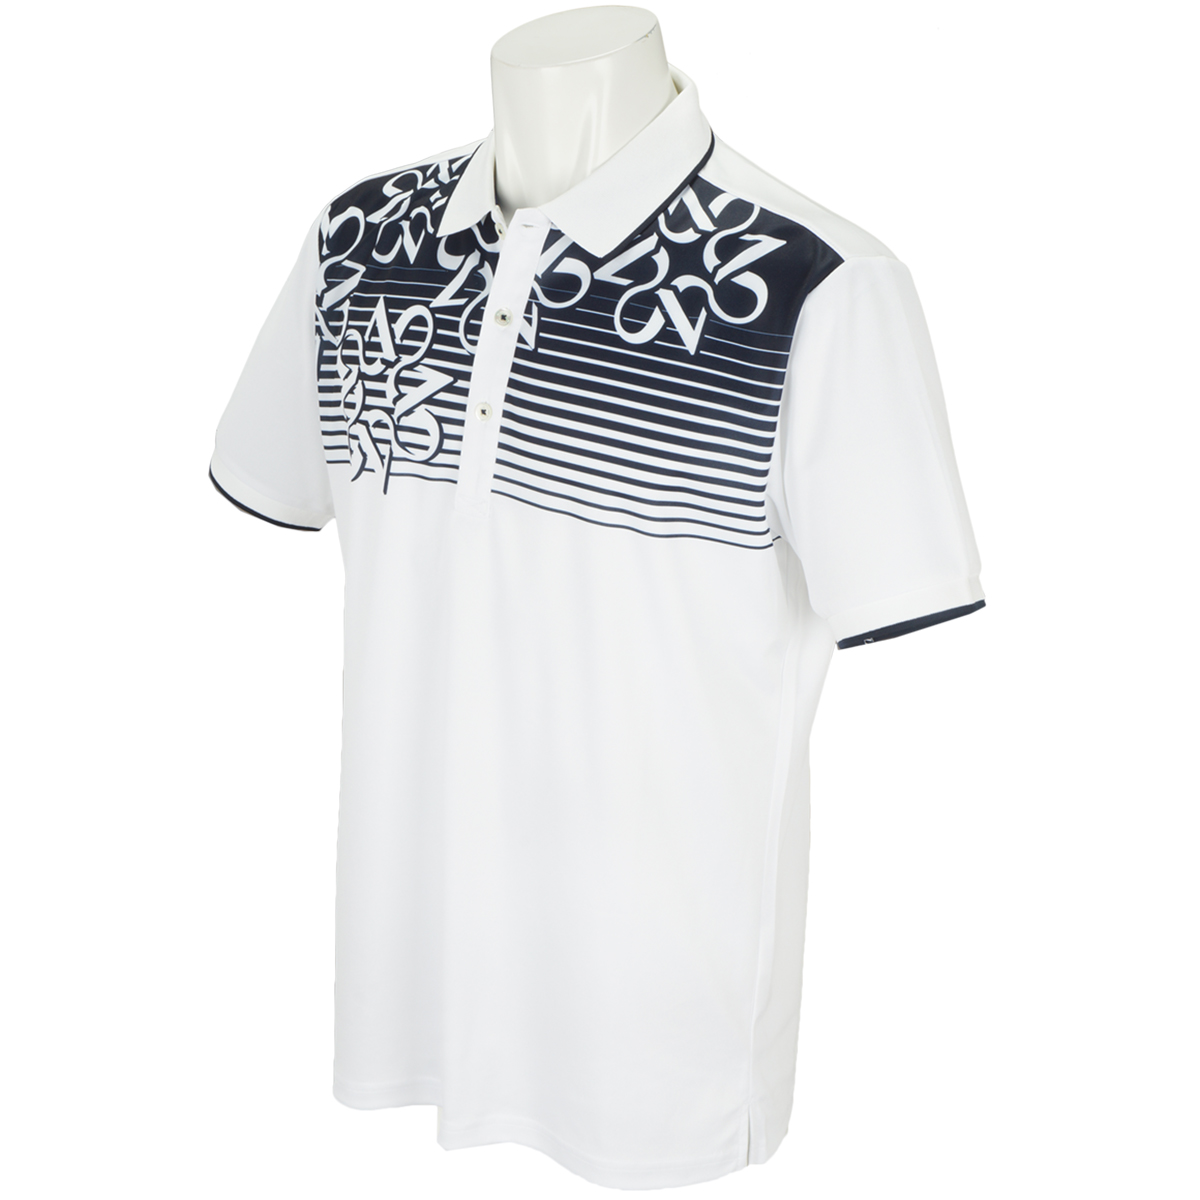 WhiteLabel COOLMAXケルトパネル柄プリント半袖ポロシャツ